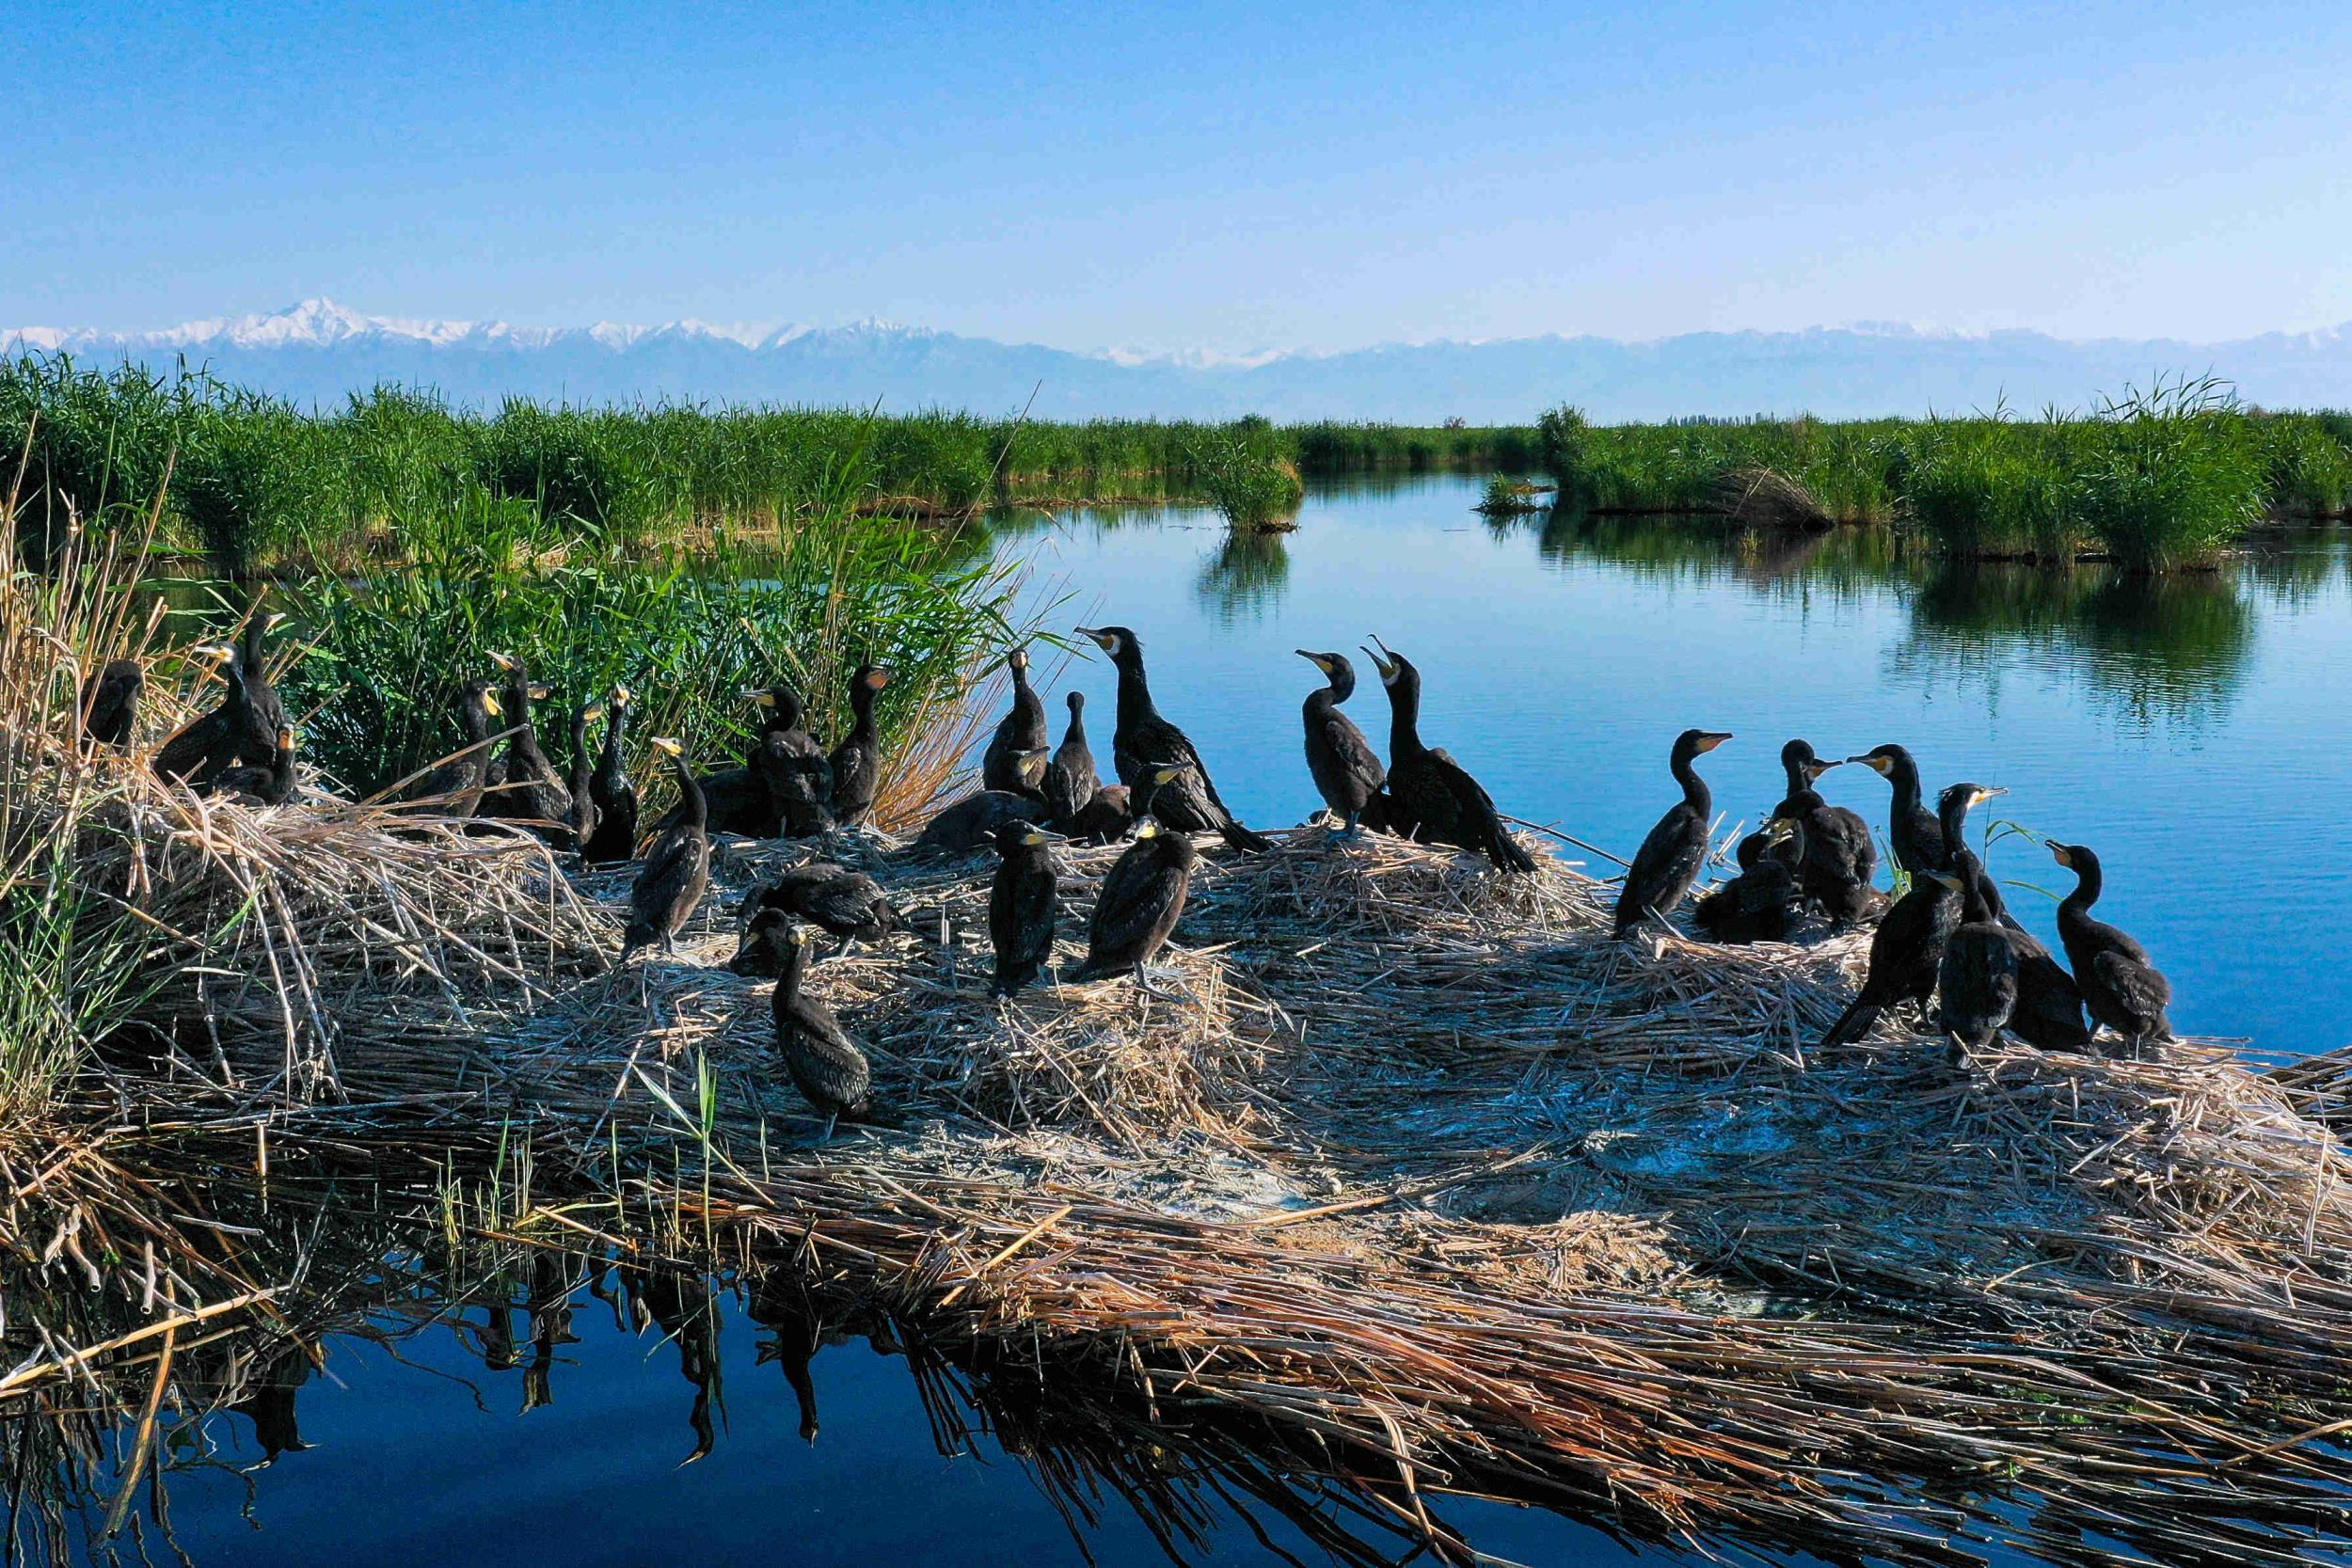 博斯腾湖:芦苇湿地 群鸟自由栖息